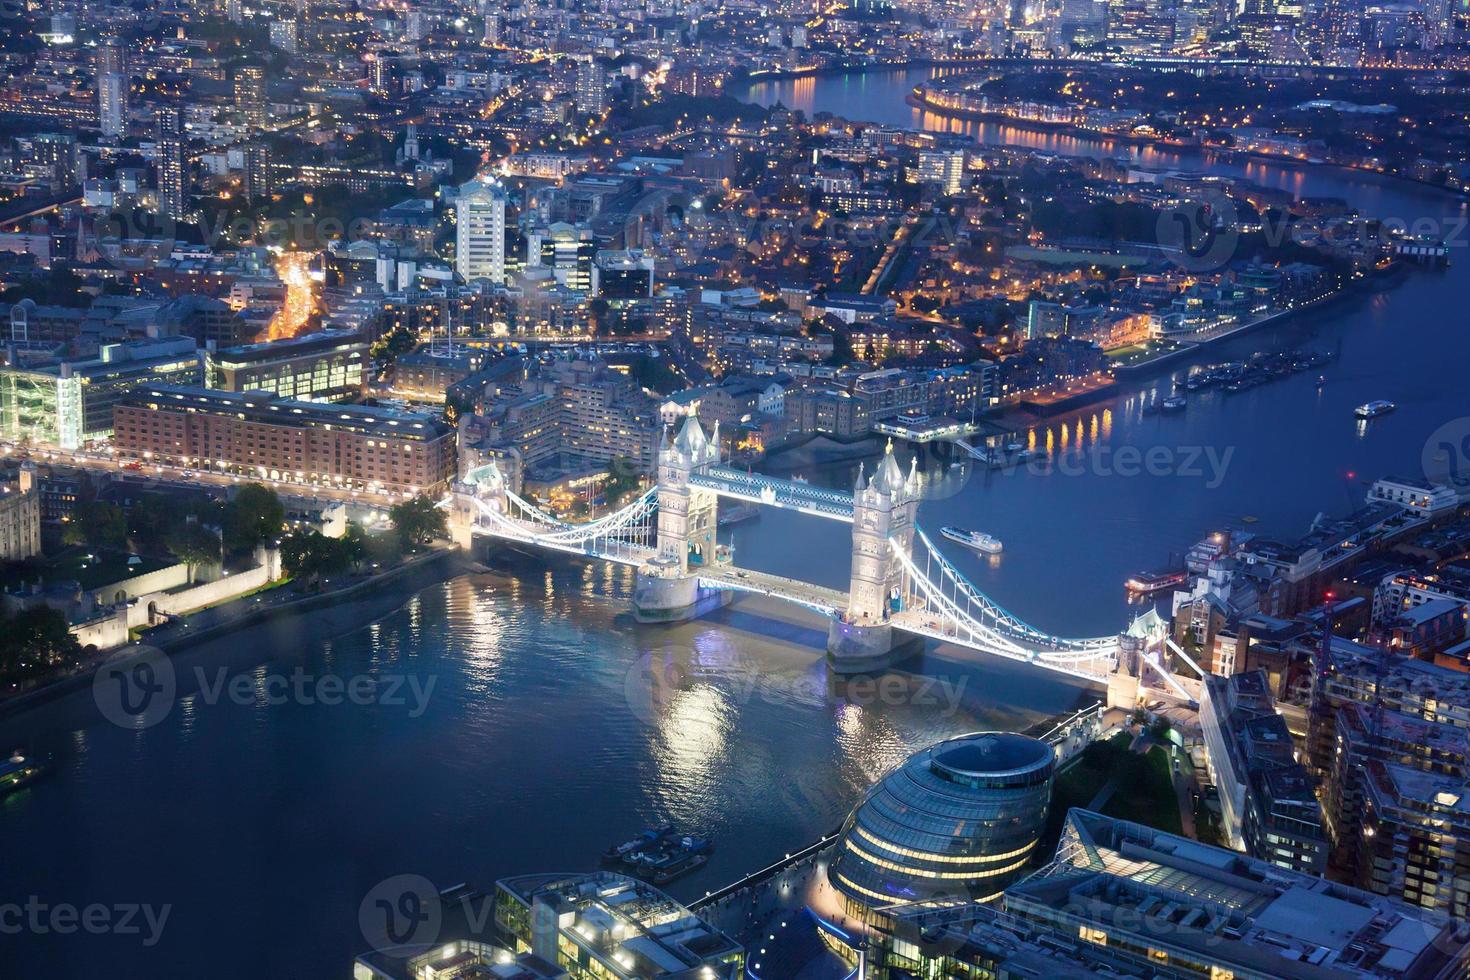 Londra di notte con architetture urbane e tower bridge foto